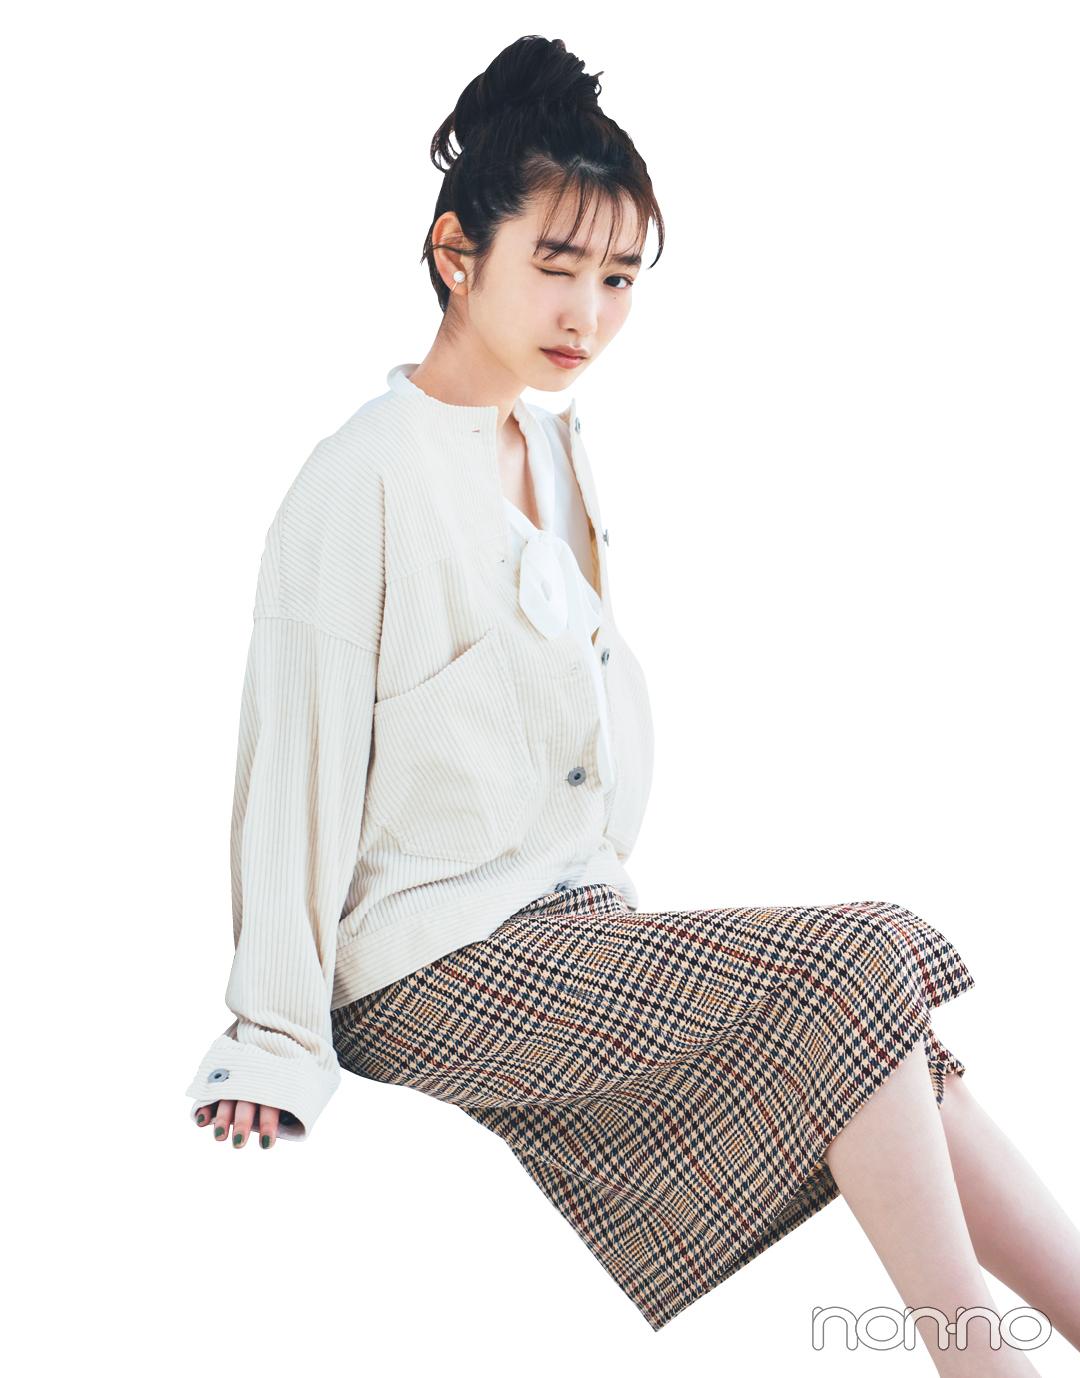 GUの秋新作スカートが神! 1990円で7通りに着回せる★_1_4-4